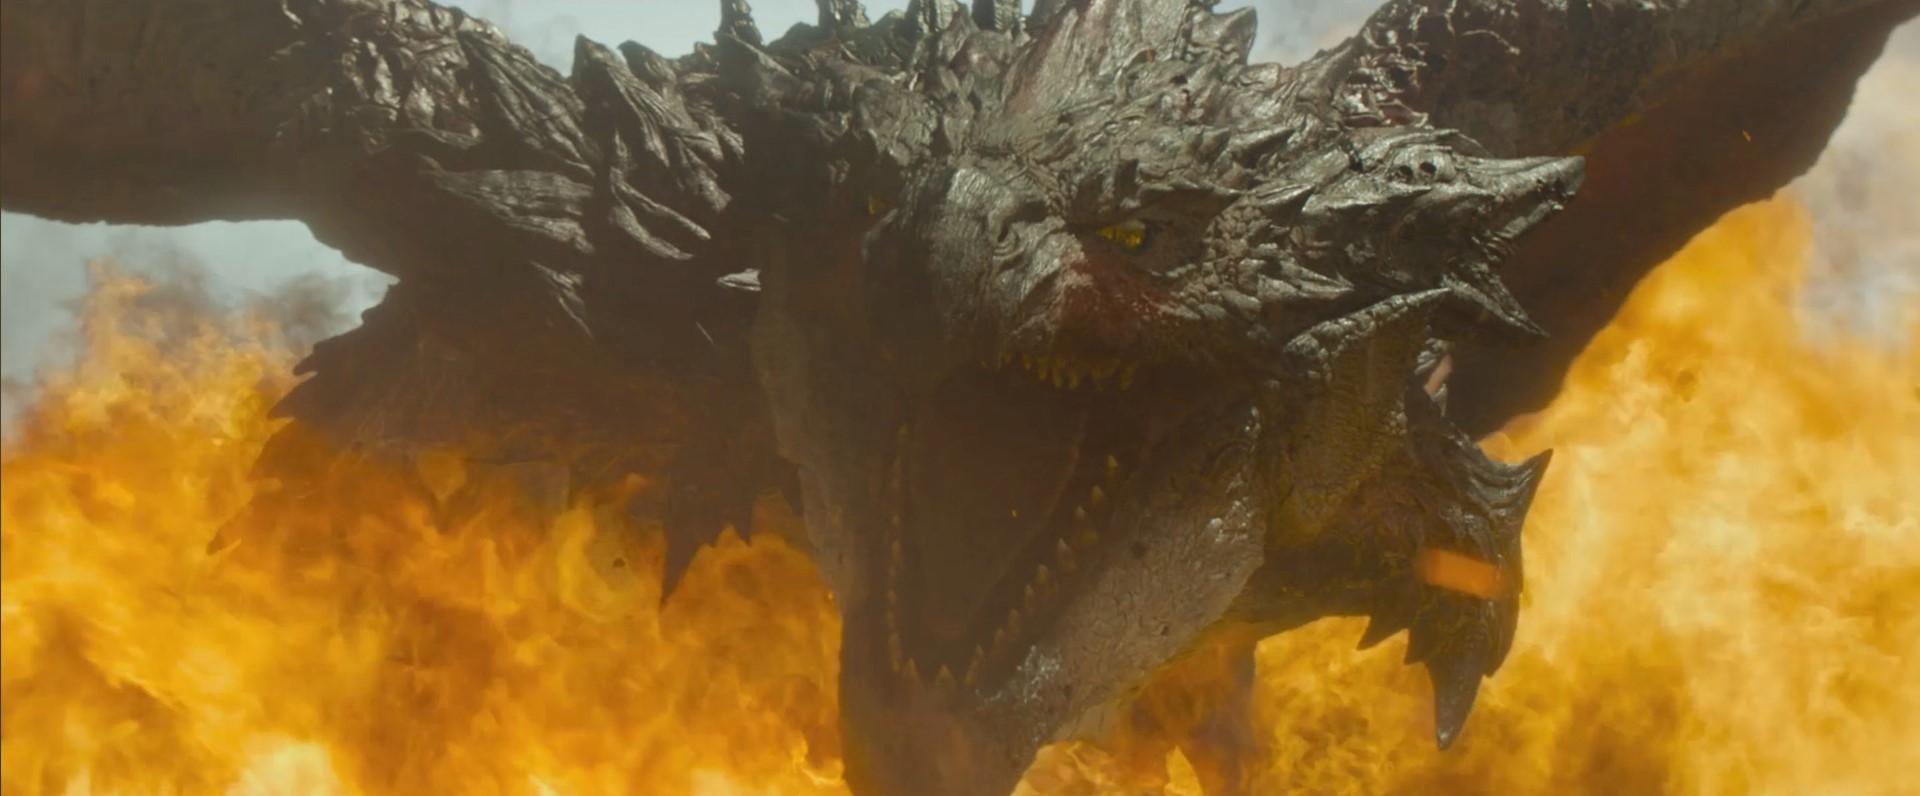 Quái vật Rathalos khổng lồ xuất hiện trong trailer đầu tiên của Thợ Săn Quái Vật (Monster Hunter).